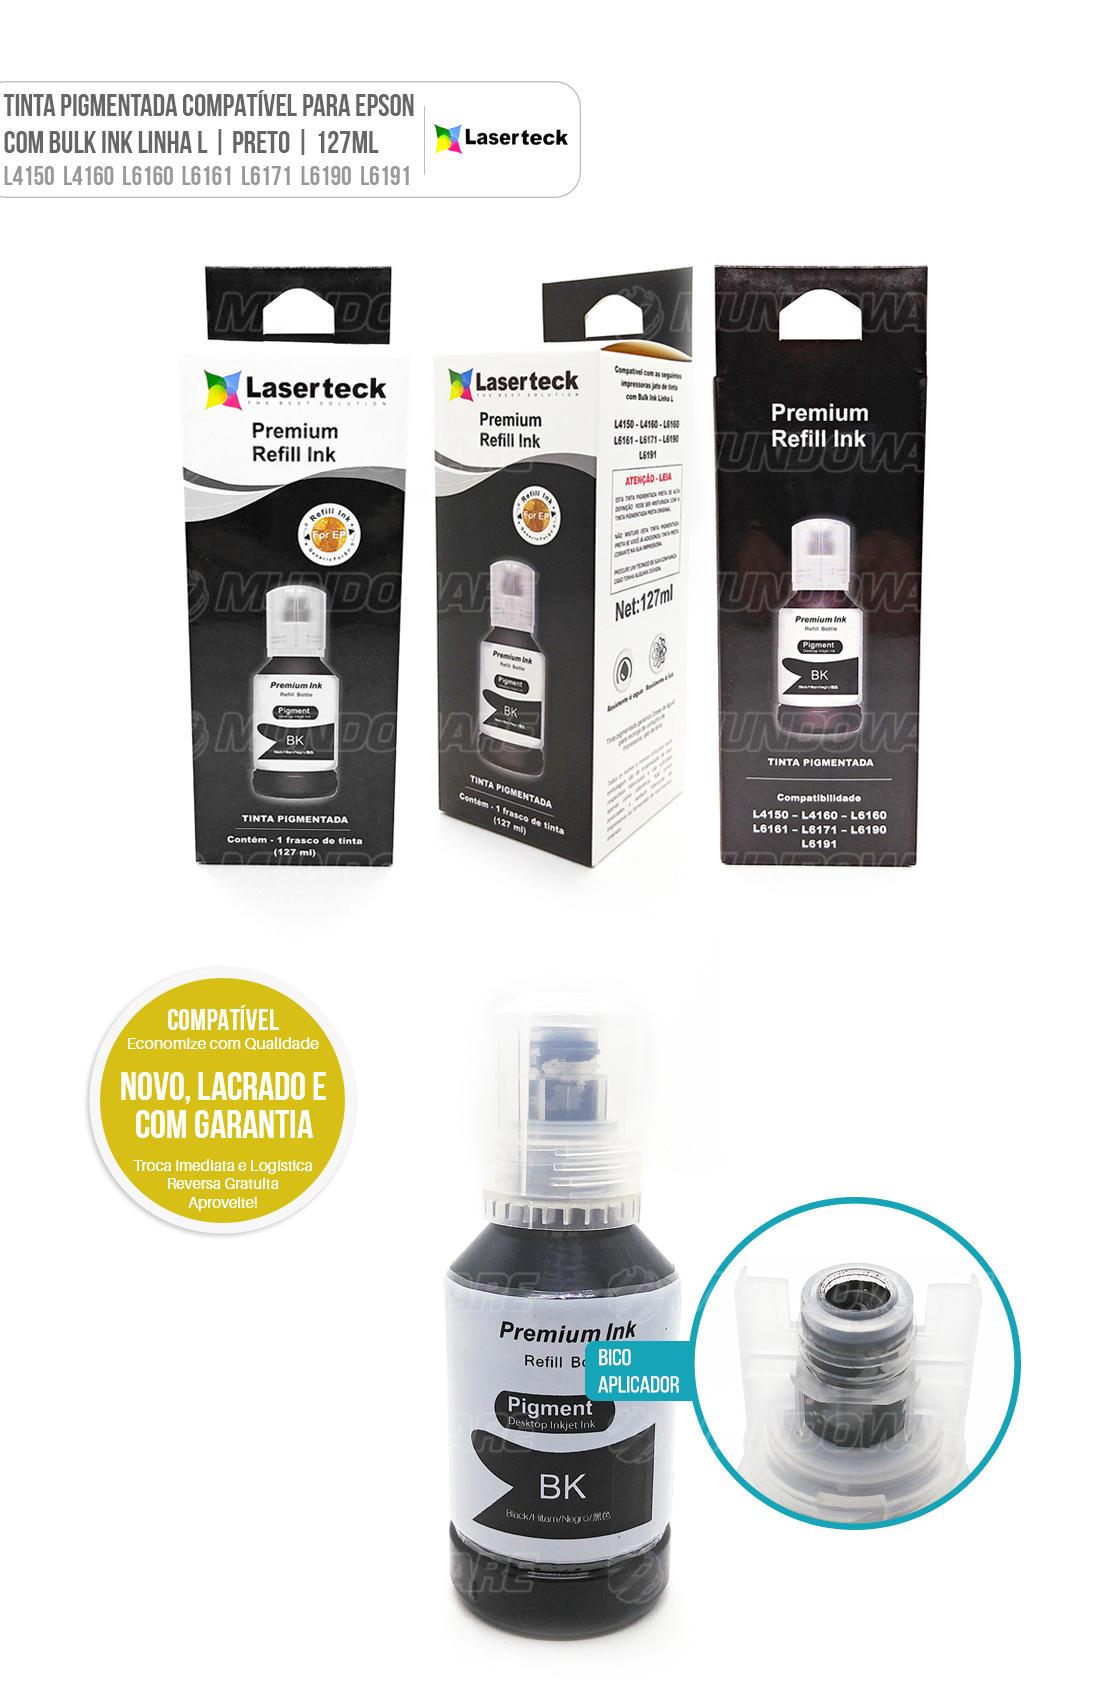 Tinta Preta Pigmentada Compatível para impressora Jato de Tinta com Bulk Ink Linha L modelos L4150 L4160 L6160 L6161 L6171 L6190 L6191 L 4150 L 4160 L 6160 L 6161 L 6171 L 6190 L 6191